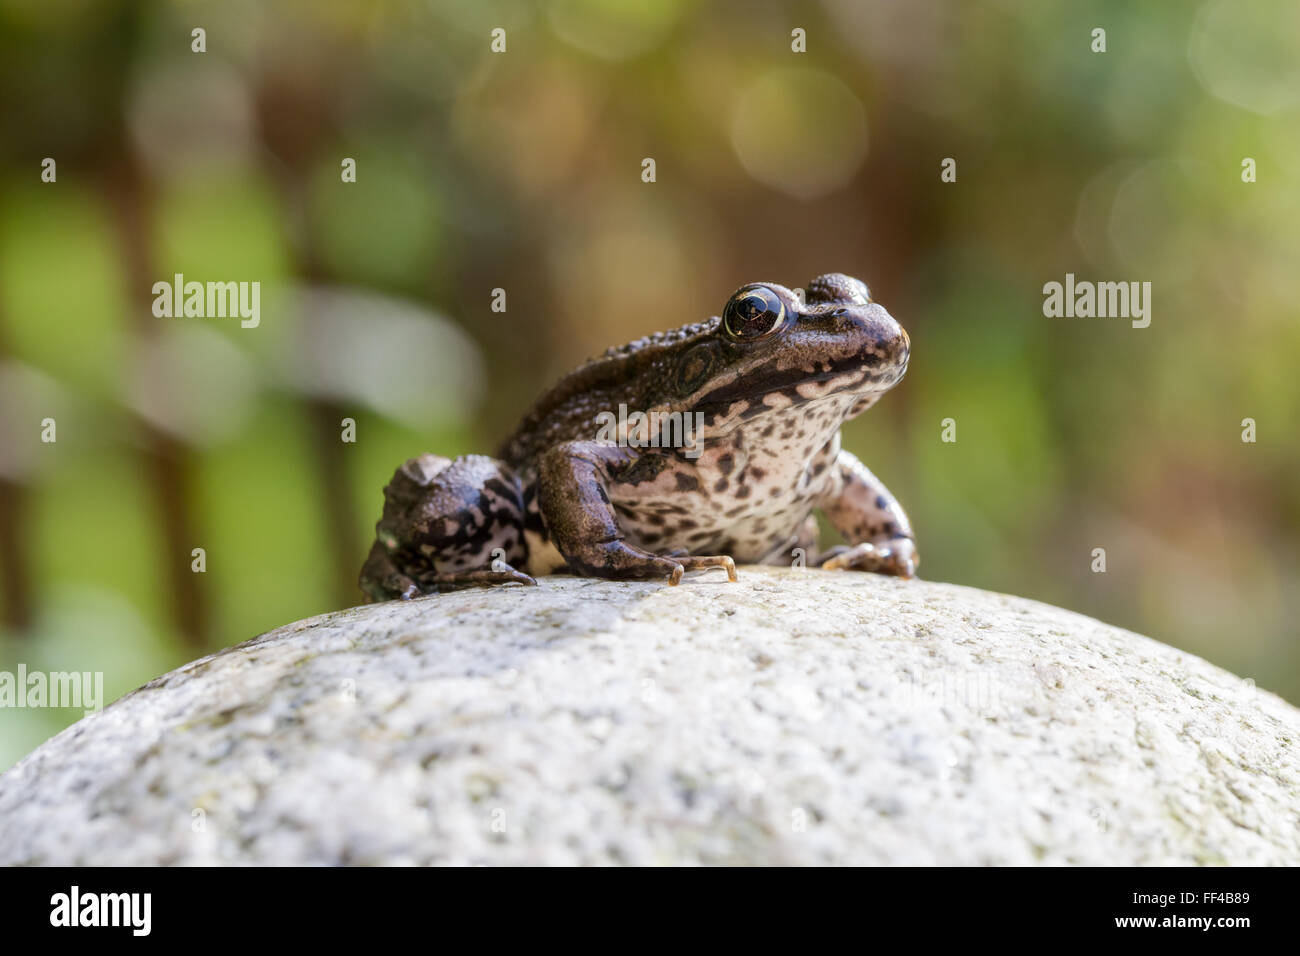 Gemeinsame wasser Frosch auf einem Stein im Herbst Sonne Stockbild